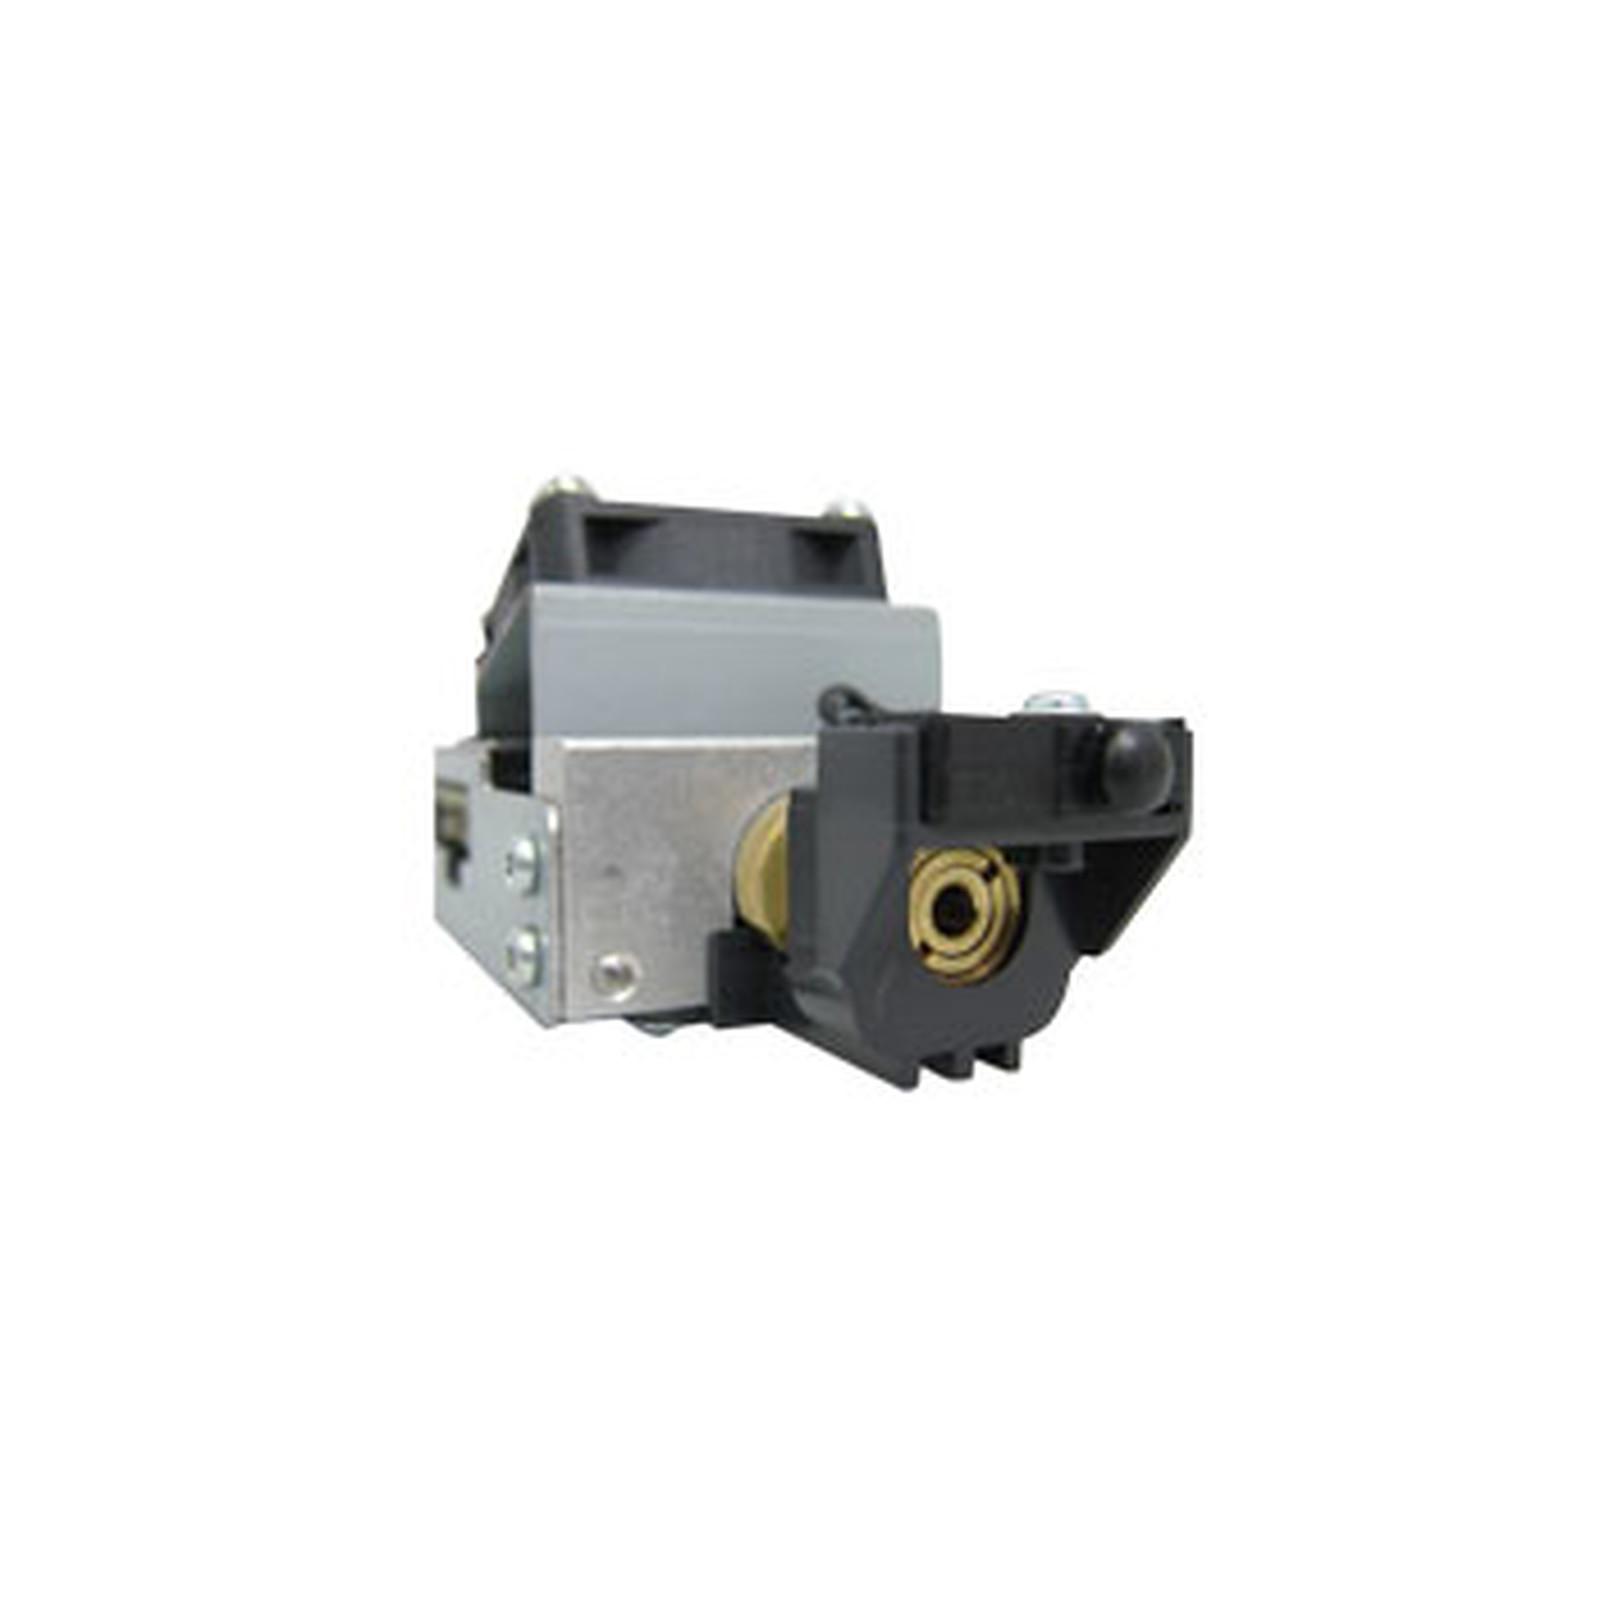 XYZprinting Laser Engraver Module